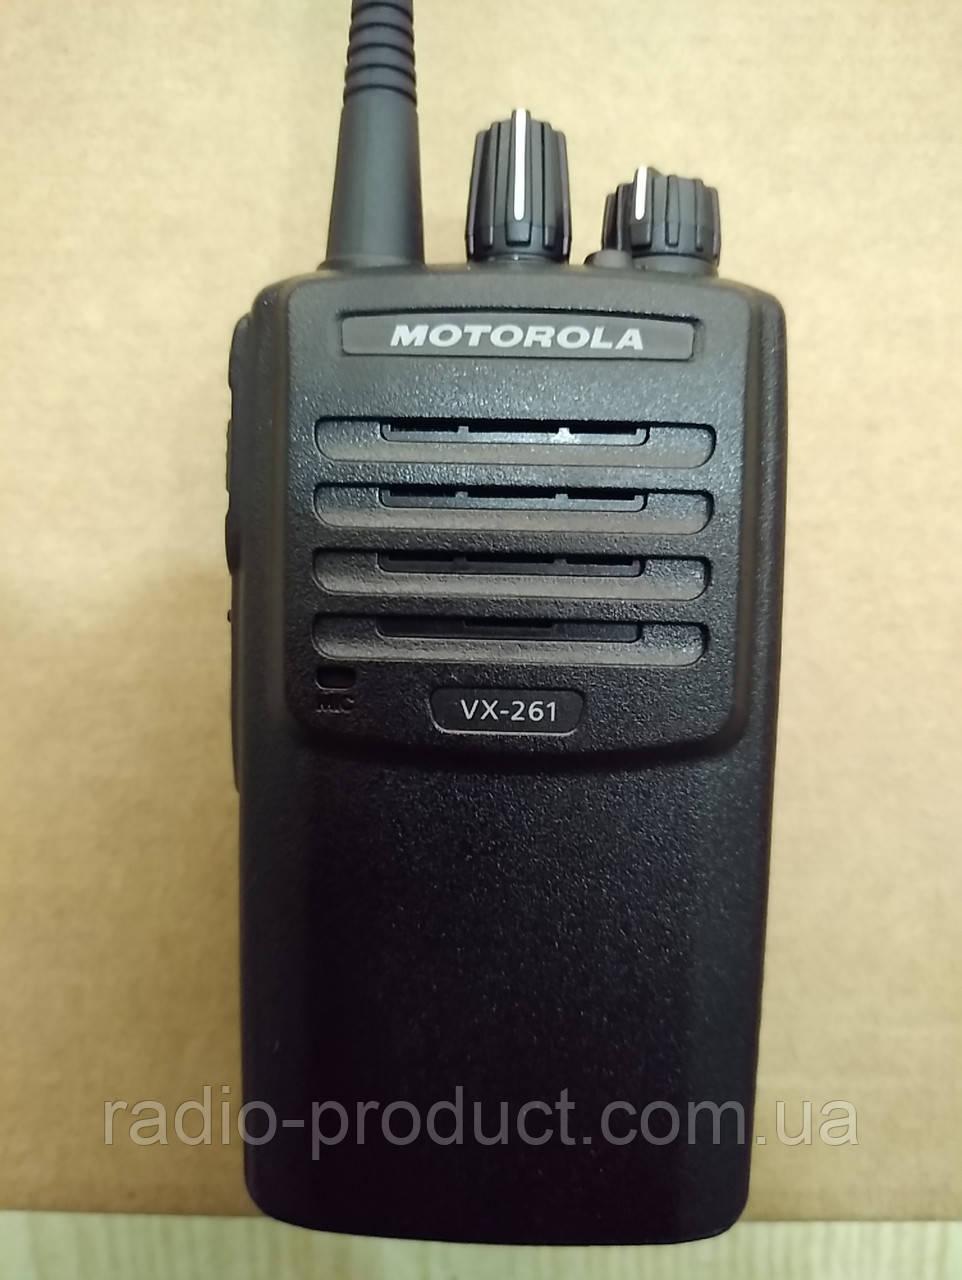 Motorola VX-261 VHF, профессиональная портативная радиостанция